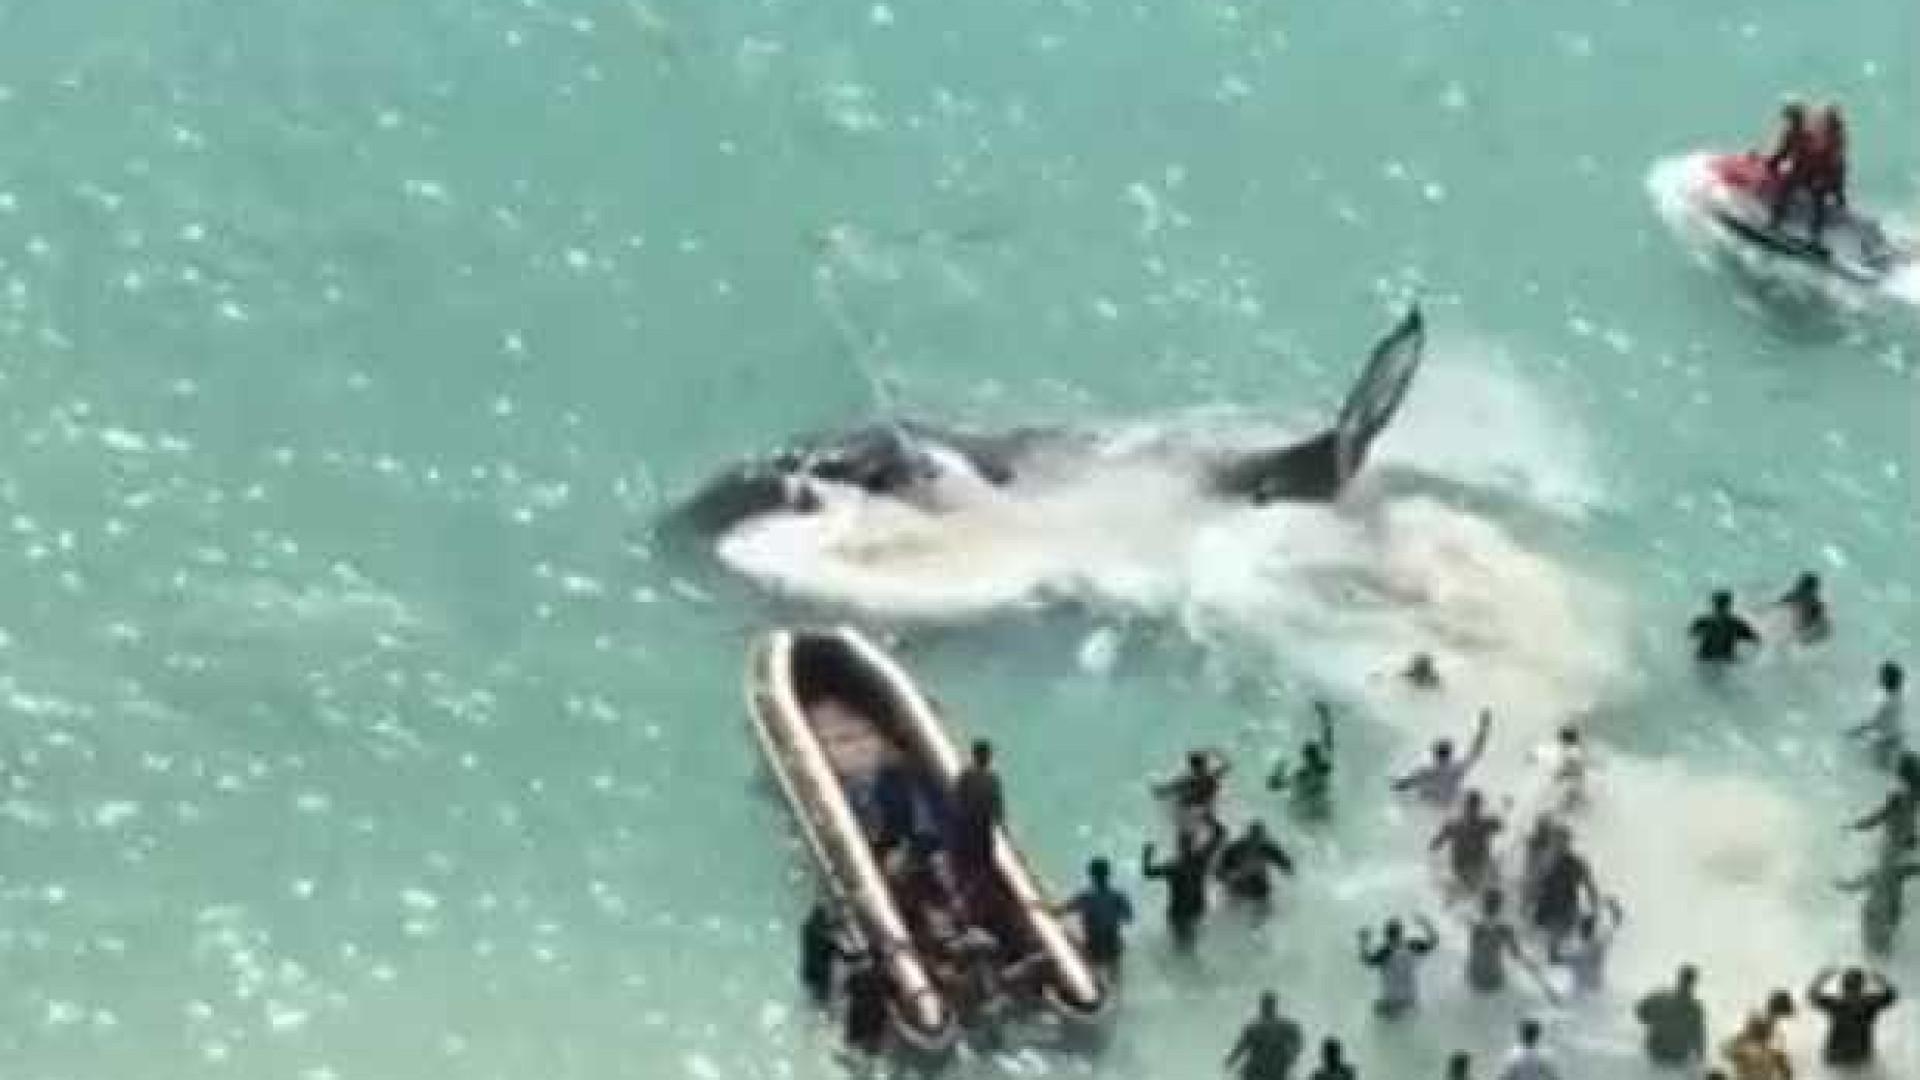 Brasileiros comemoram resgate de baleia no RJ